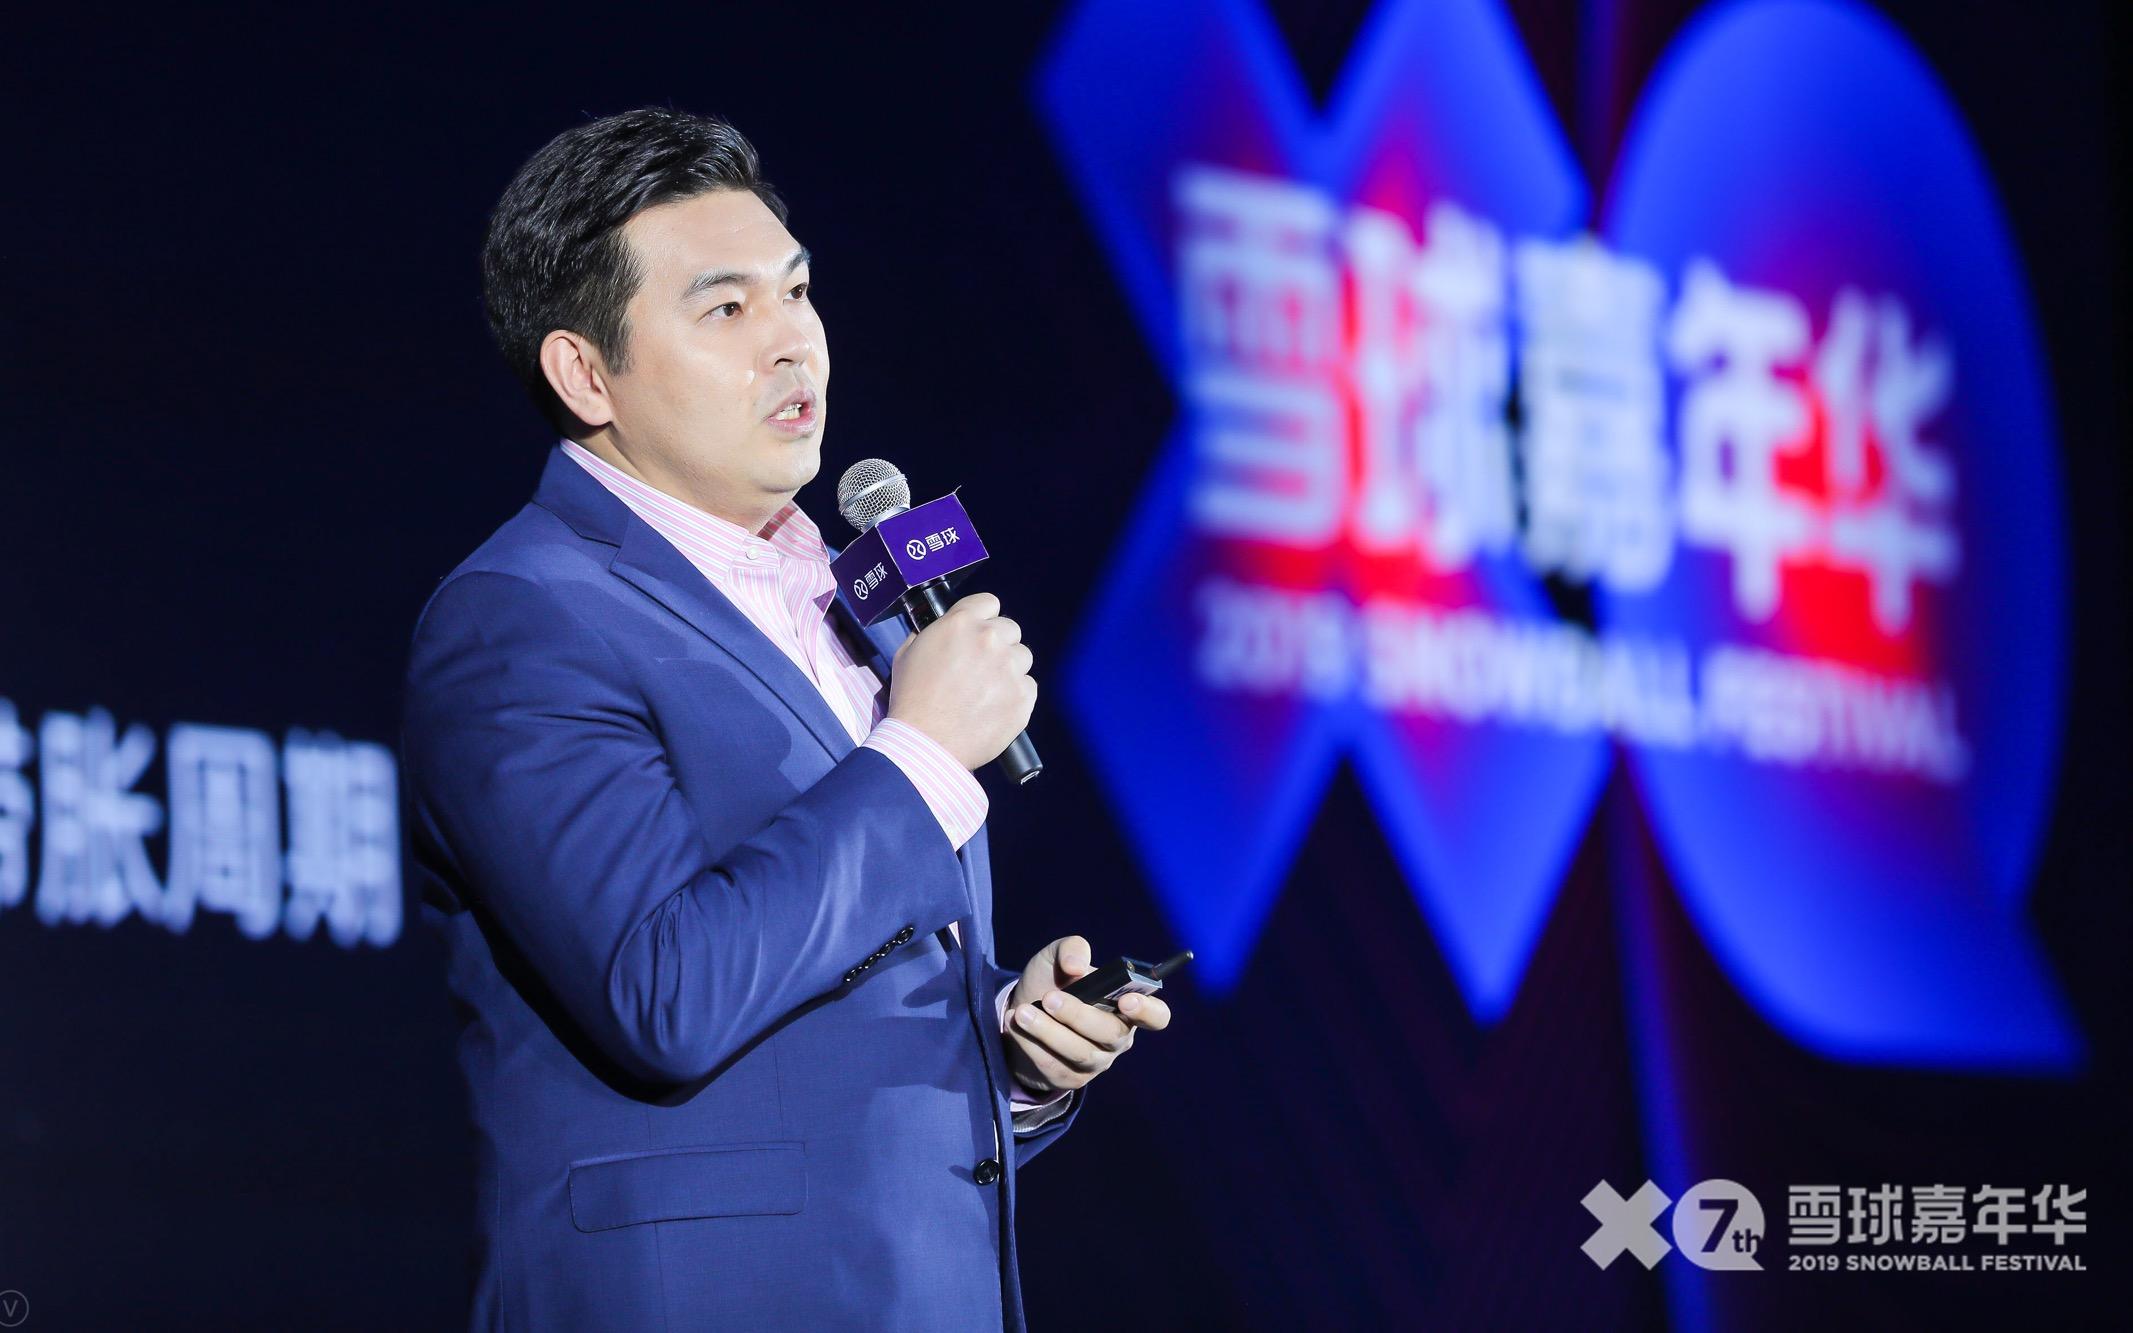 平安证券财富顾问中心执行总经理时京发表演讲